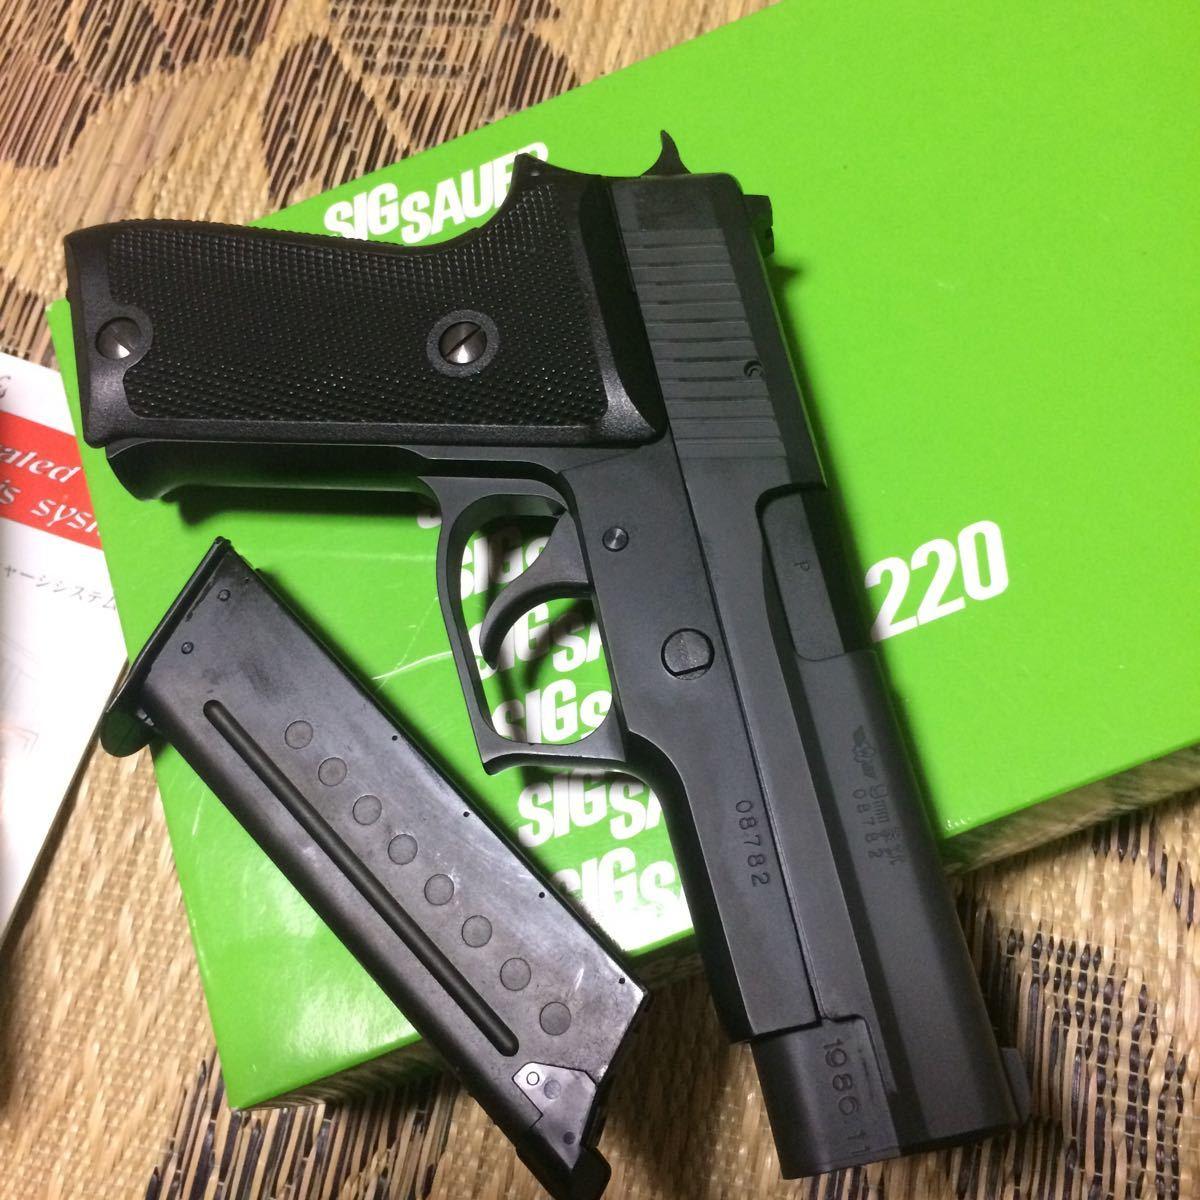 タナカ 航空自衛隊 P220 9mmけん銃 9mm拳銃 Ic ABS ガスブローバック_画像3